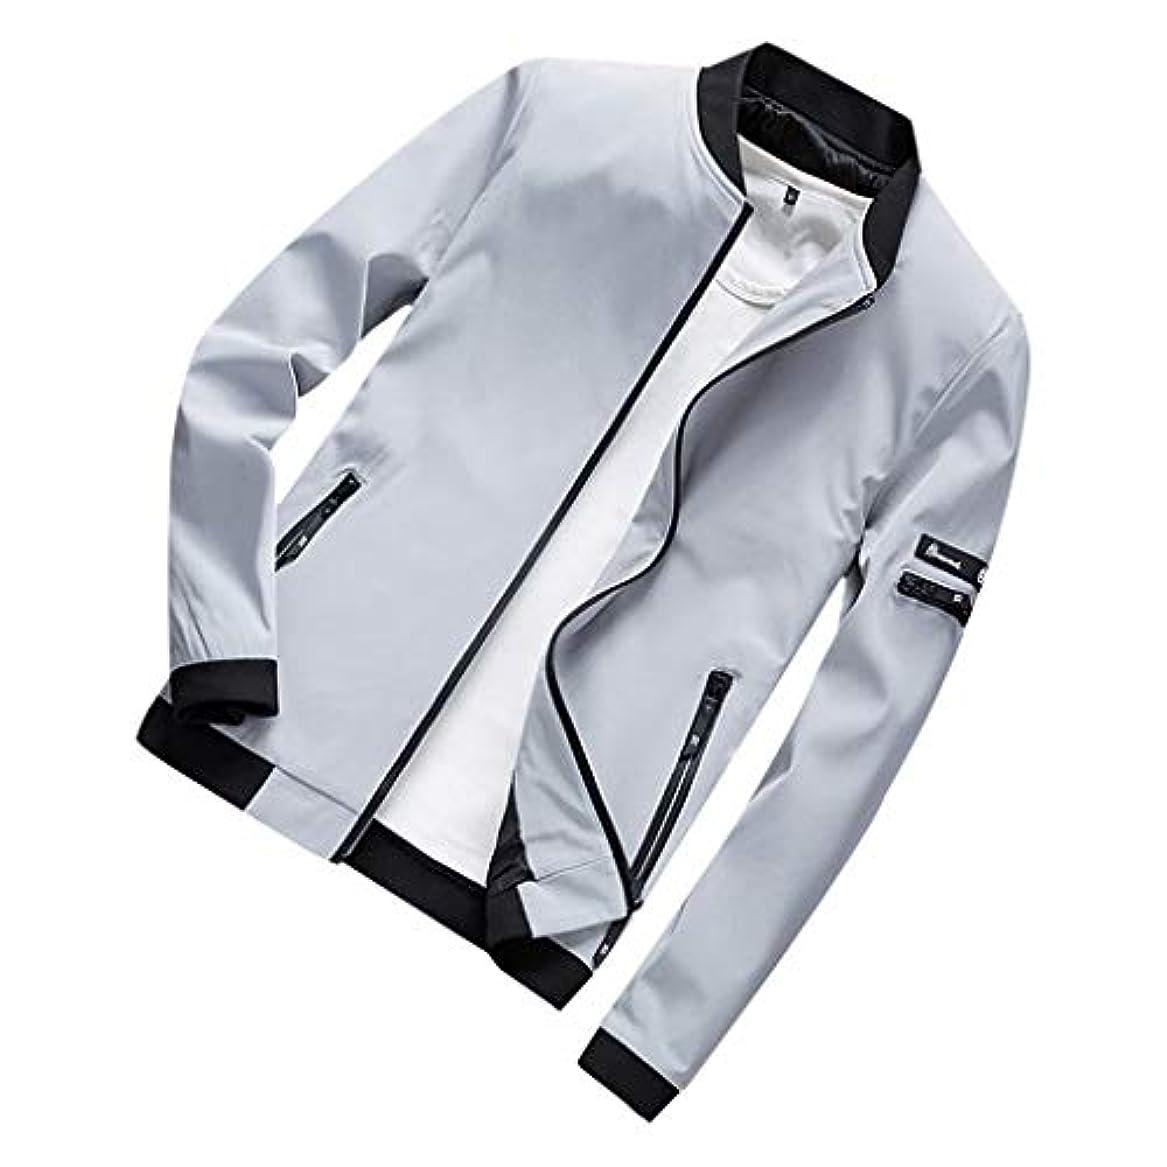 ドーム凝視再発するジャケット メンズ コート ブルゾン 秋 冬 防水 無地 カジュアル 綿 大きいサイズ アウター 黒 ストレッチ ビジネスシャツ 細身 ジャケット